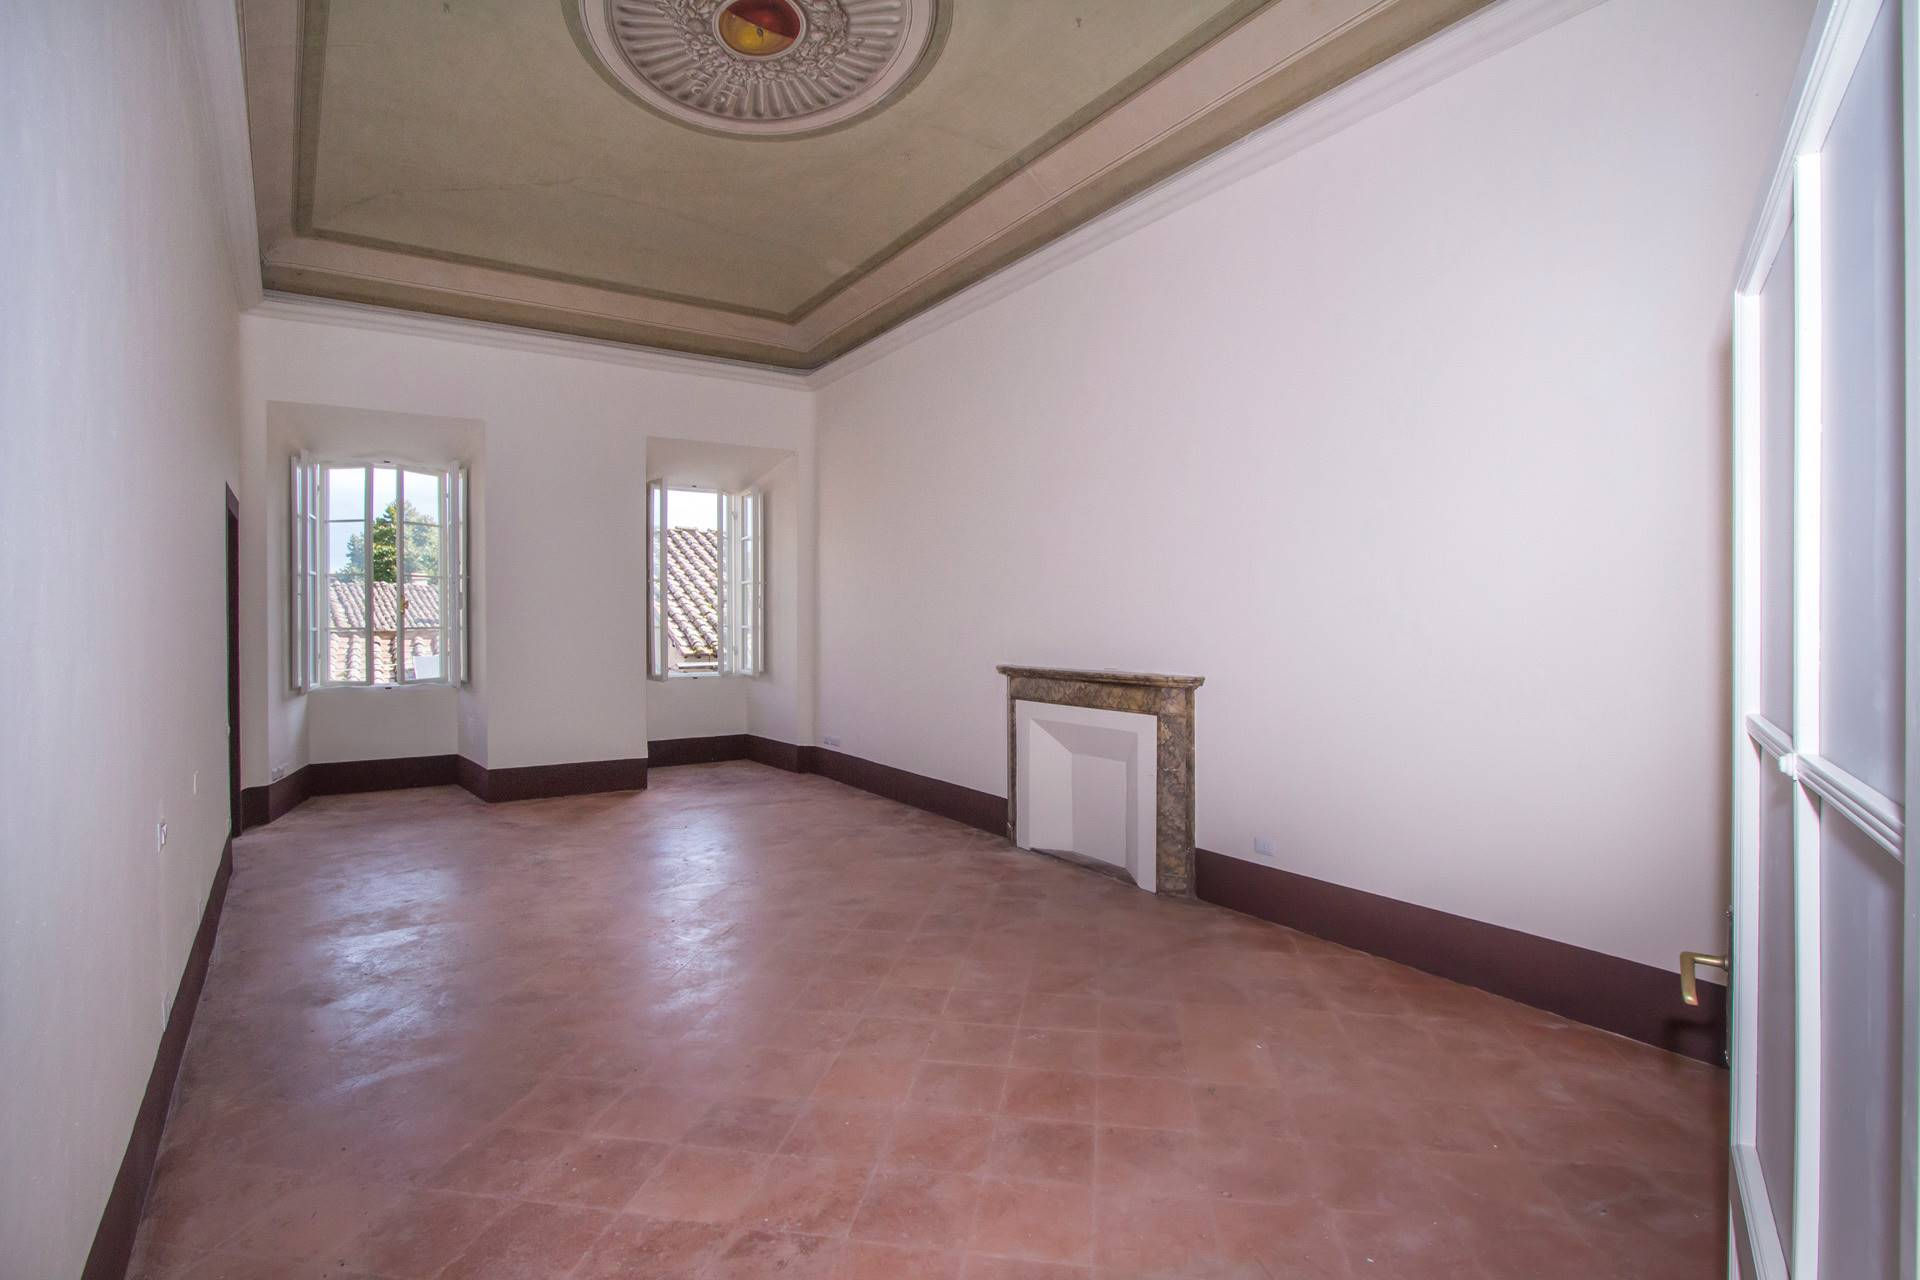 In una delle vie più eclettiche del centro storico senese, appartamento di grandi dimensioni posto al primo piano, con 2 camere da letto molto grandi